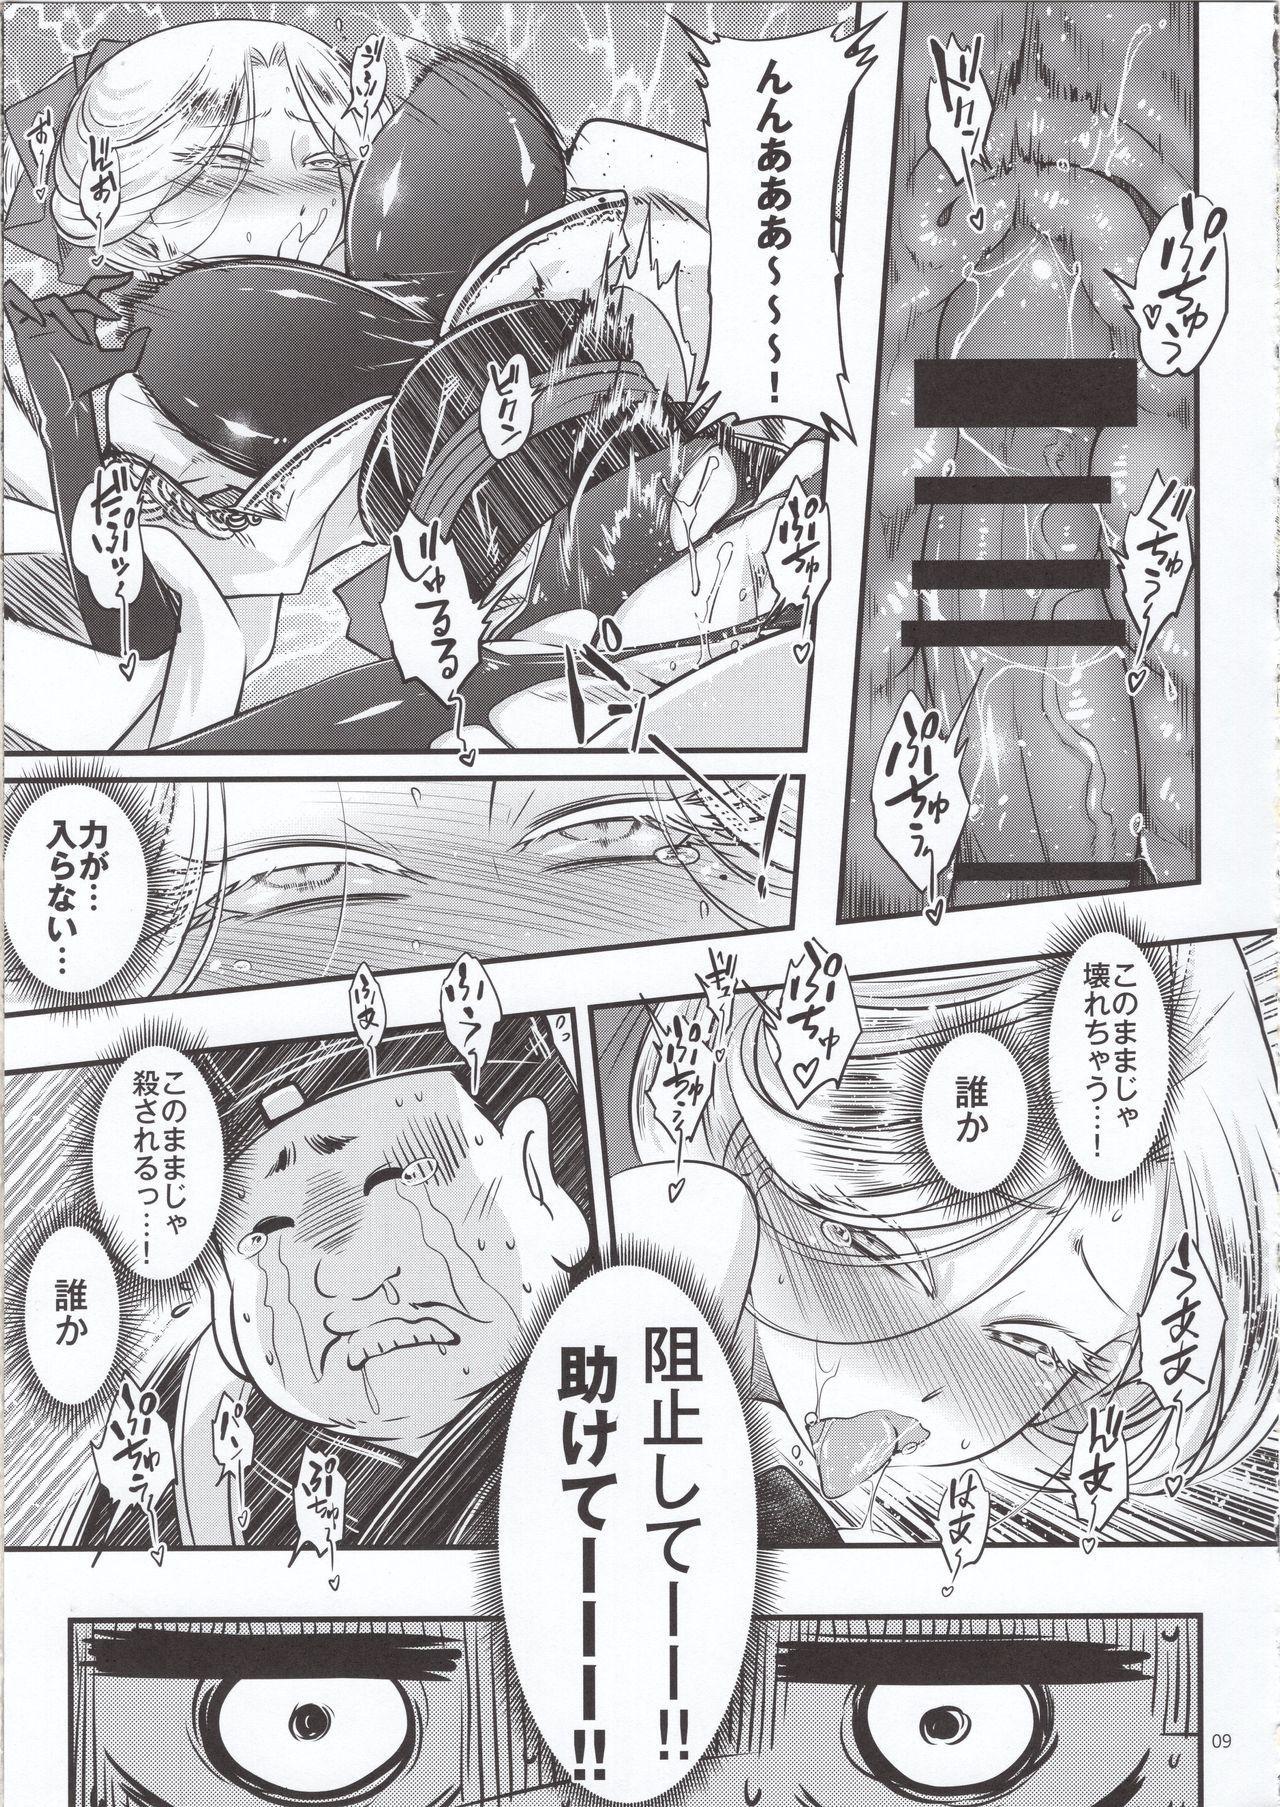 Hyakkasou4 《Akahitomiyasha, tosuisen no kyofu》 9